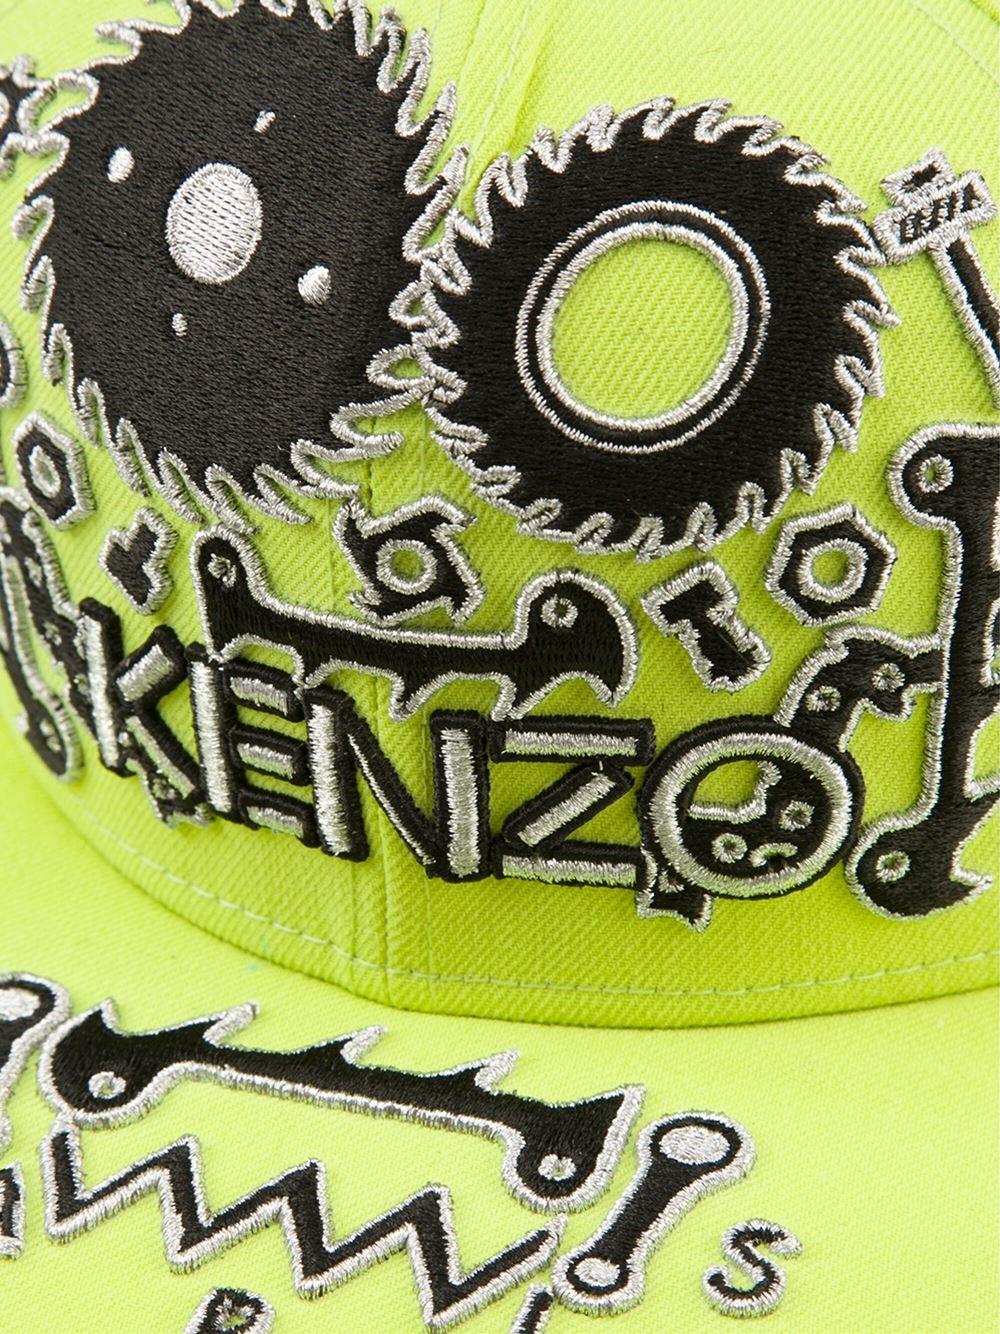 bb3e23c2266 Lyst - KENZO Monster New Era Cap in Green for Men